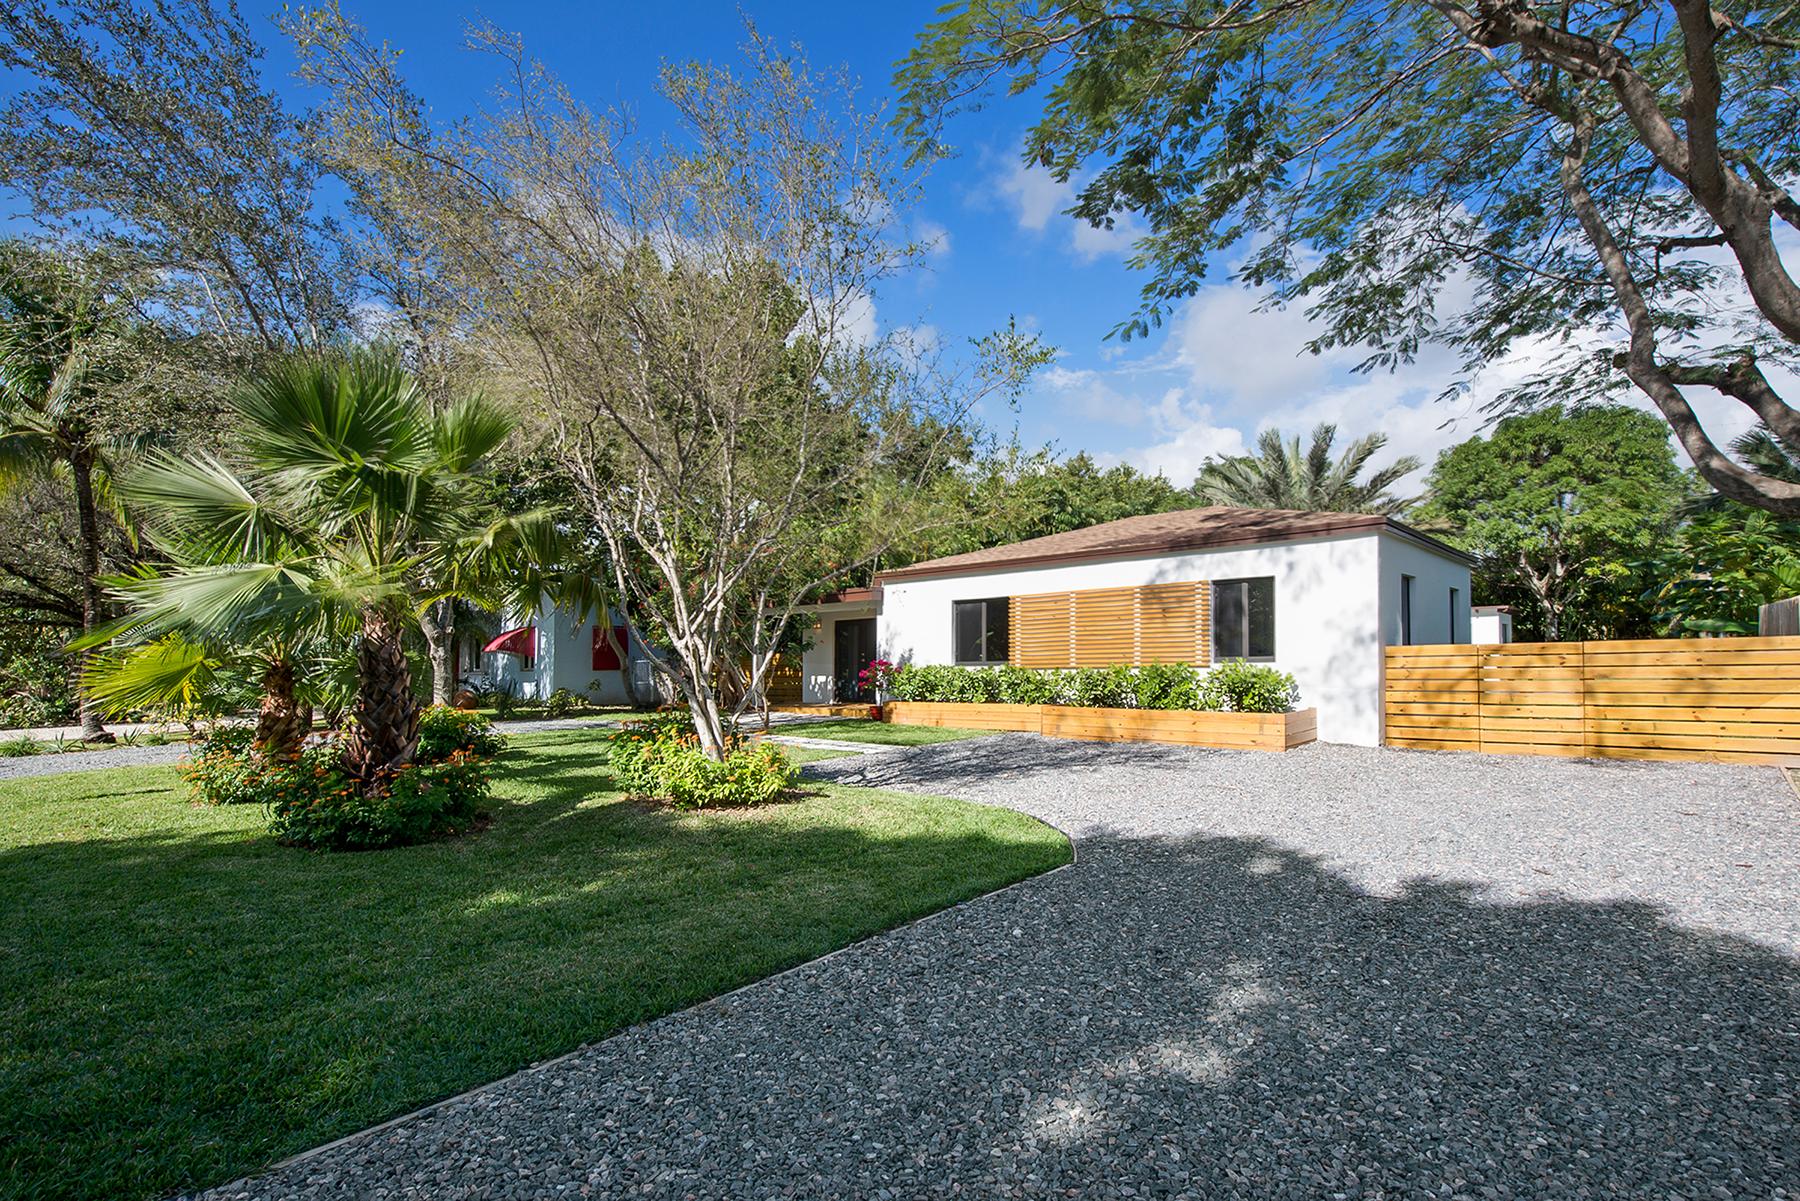 Casa Unifamiliar por un Venta en 6475 Sw 83 Street South Miami, Florida, 33143 Estados Unidos